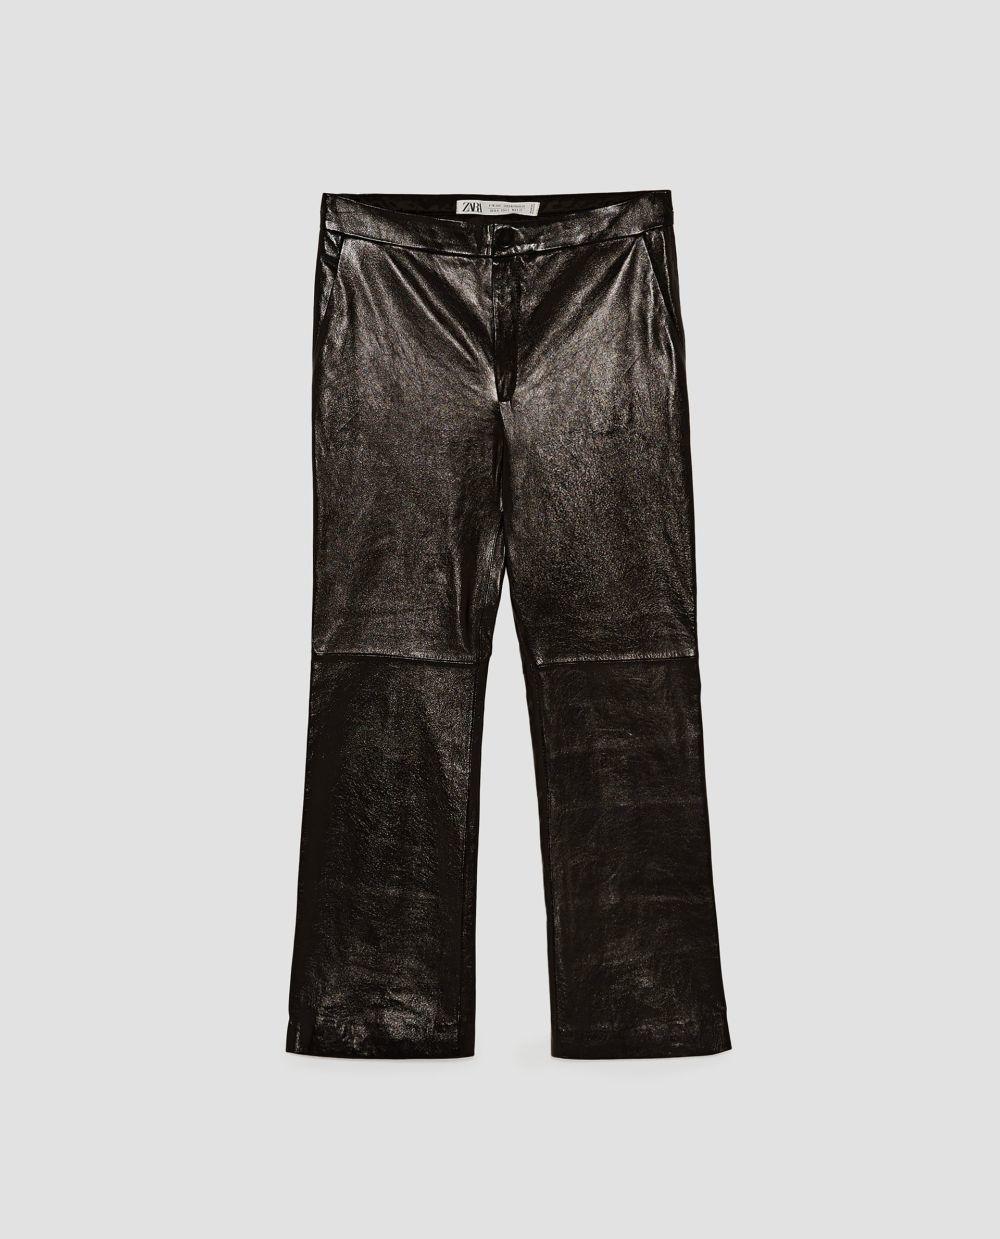 Pantalón de piel de Zara (149 euros)